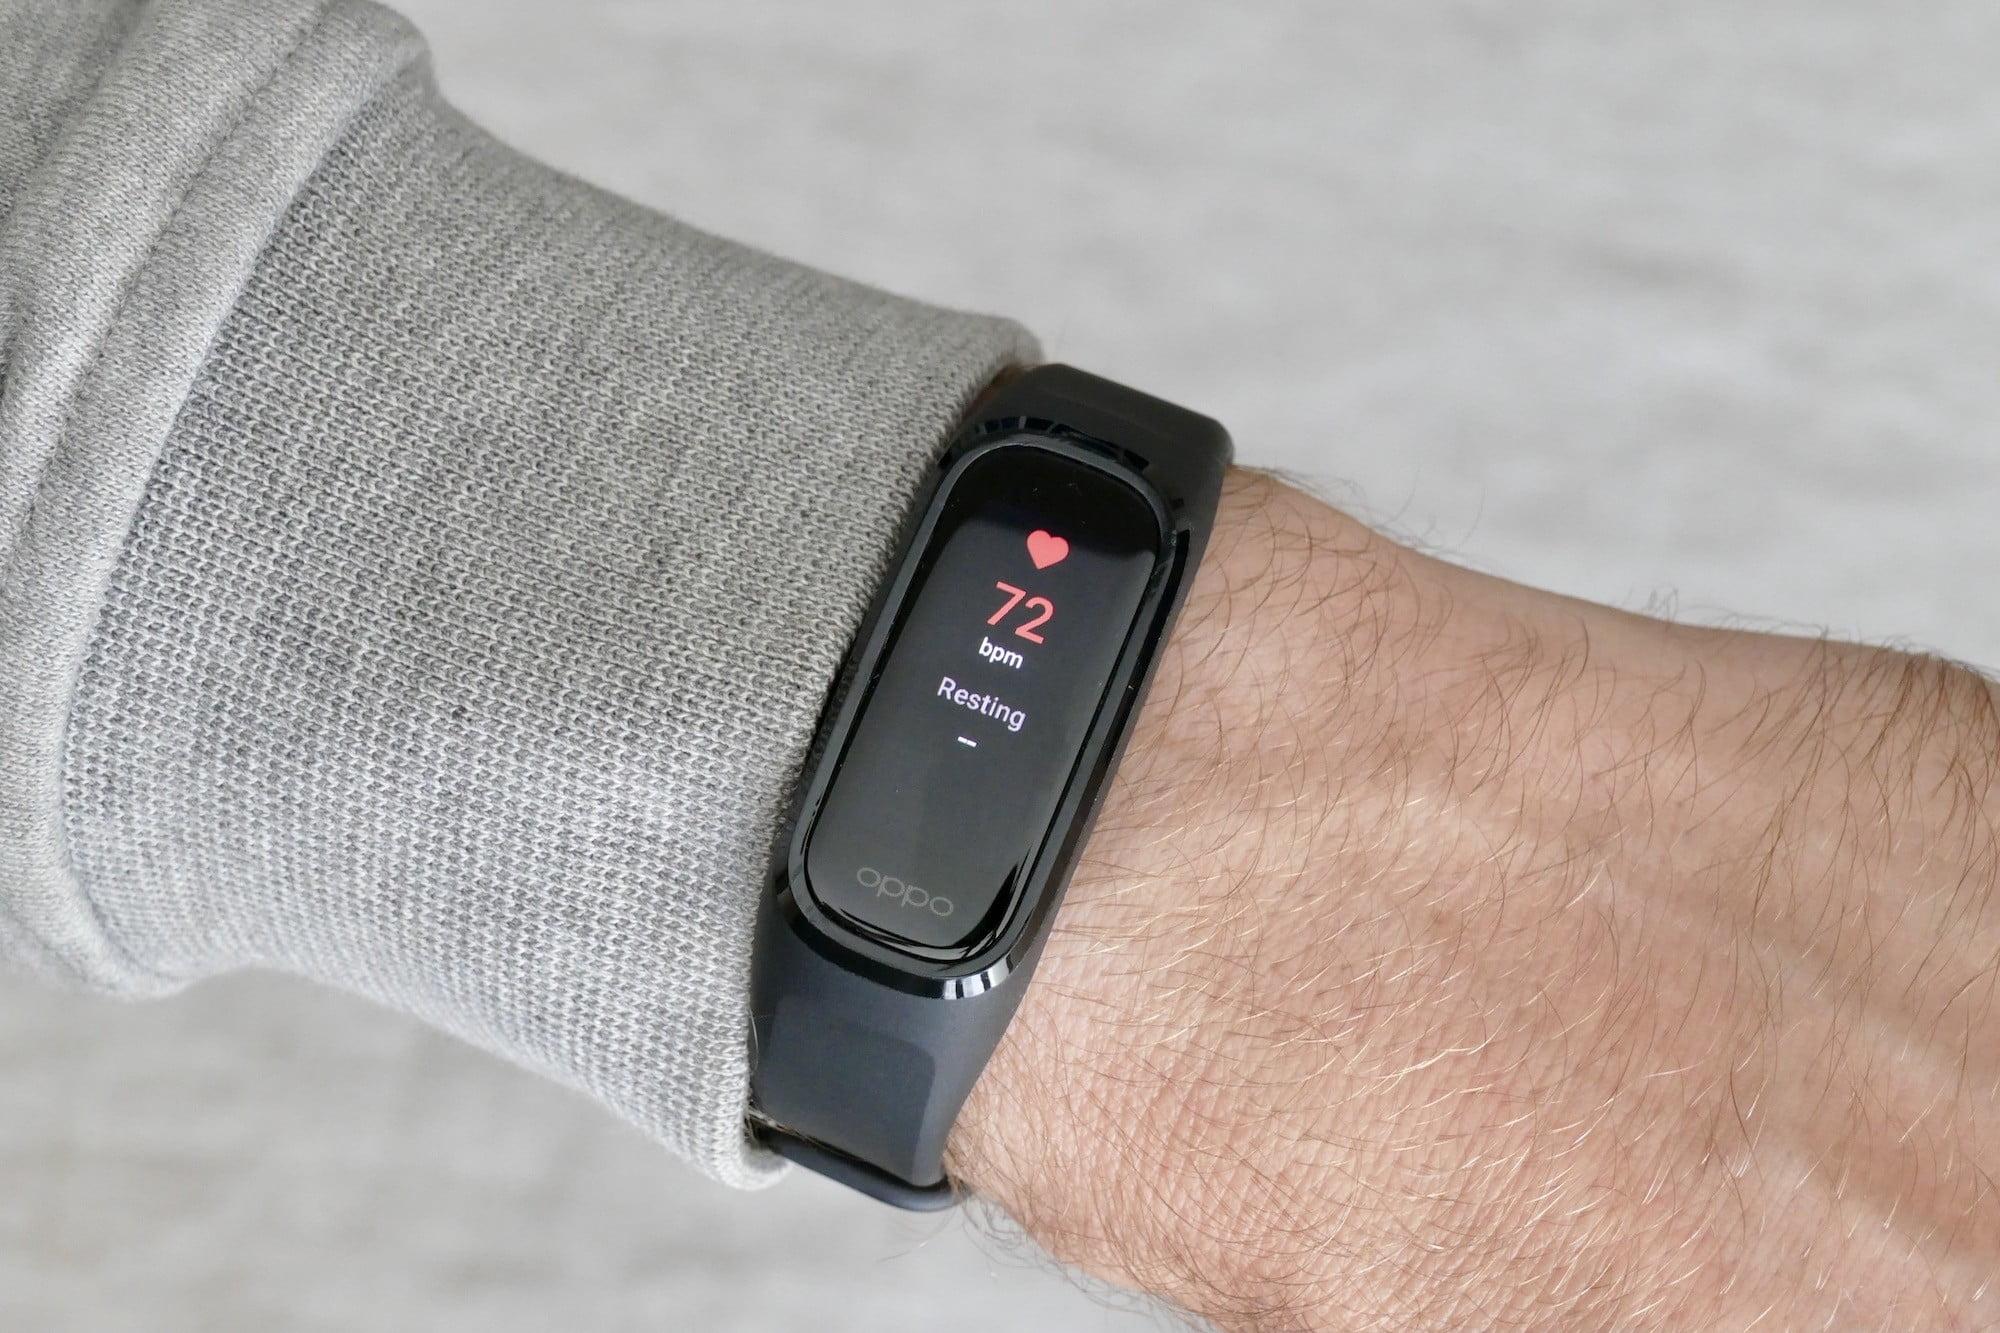 Oppo Band heart rate sensor